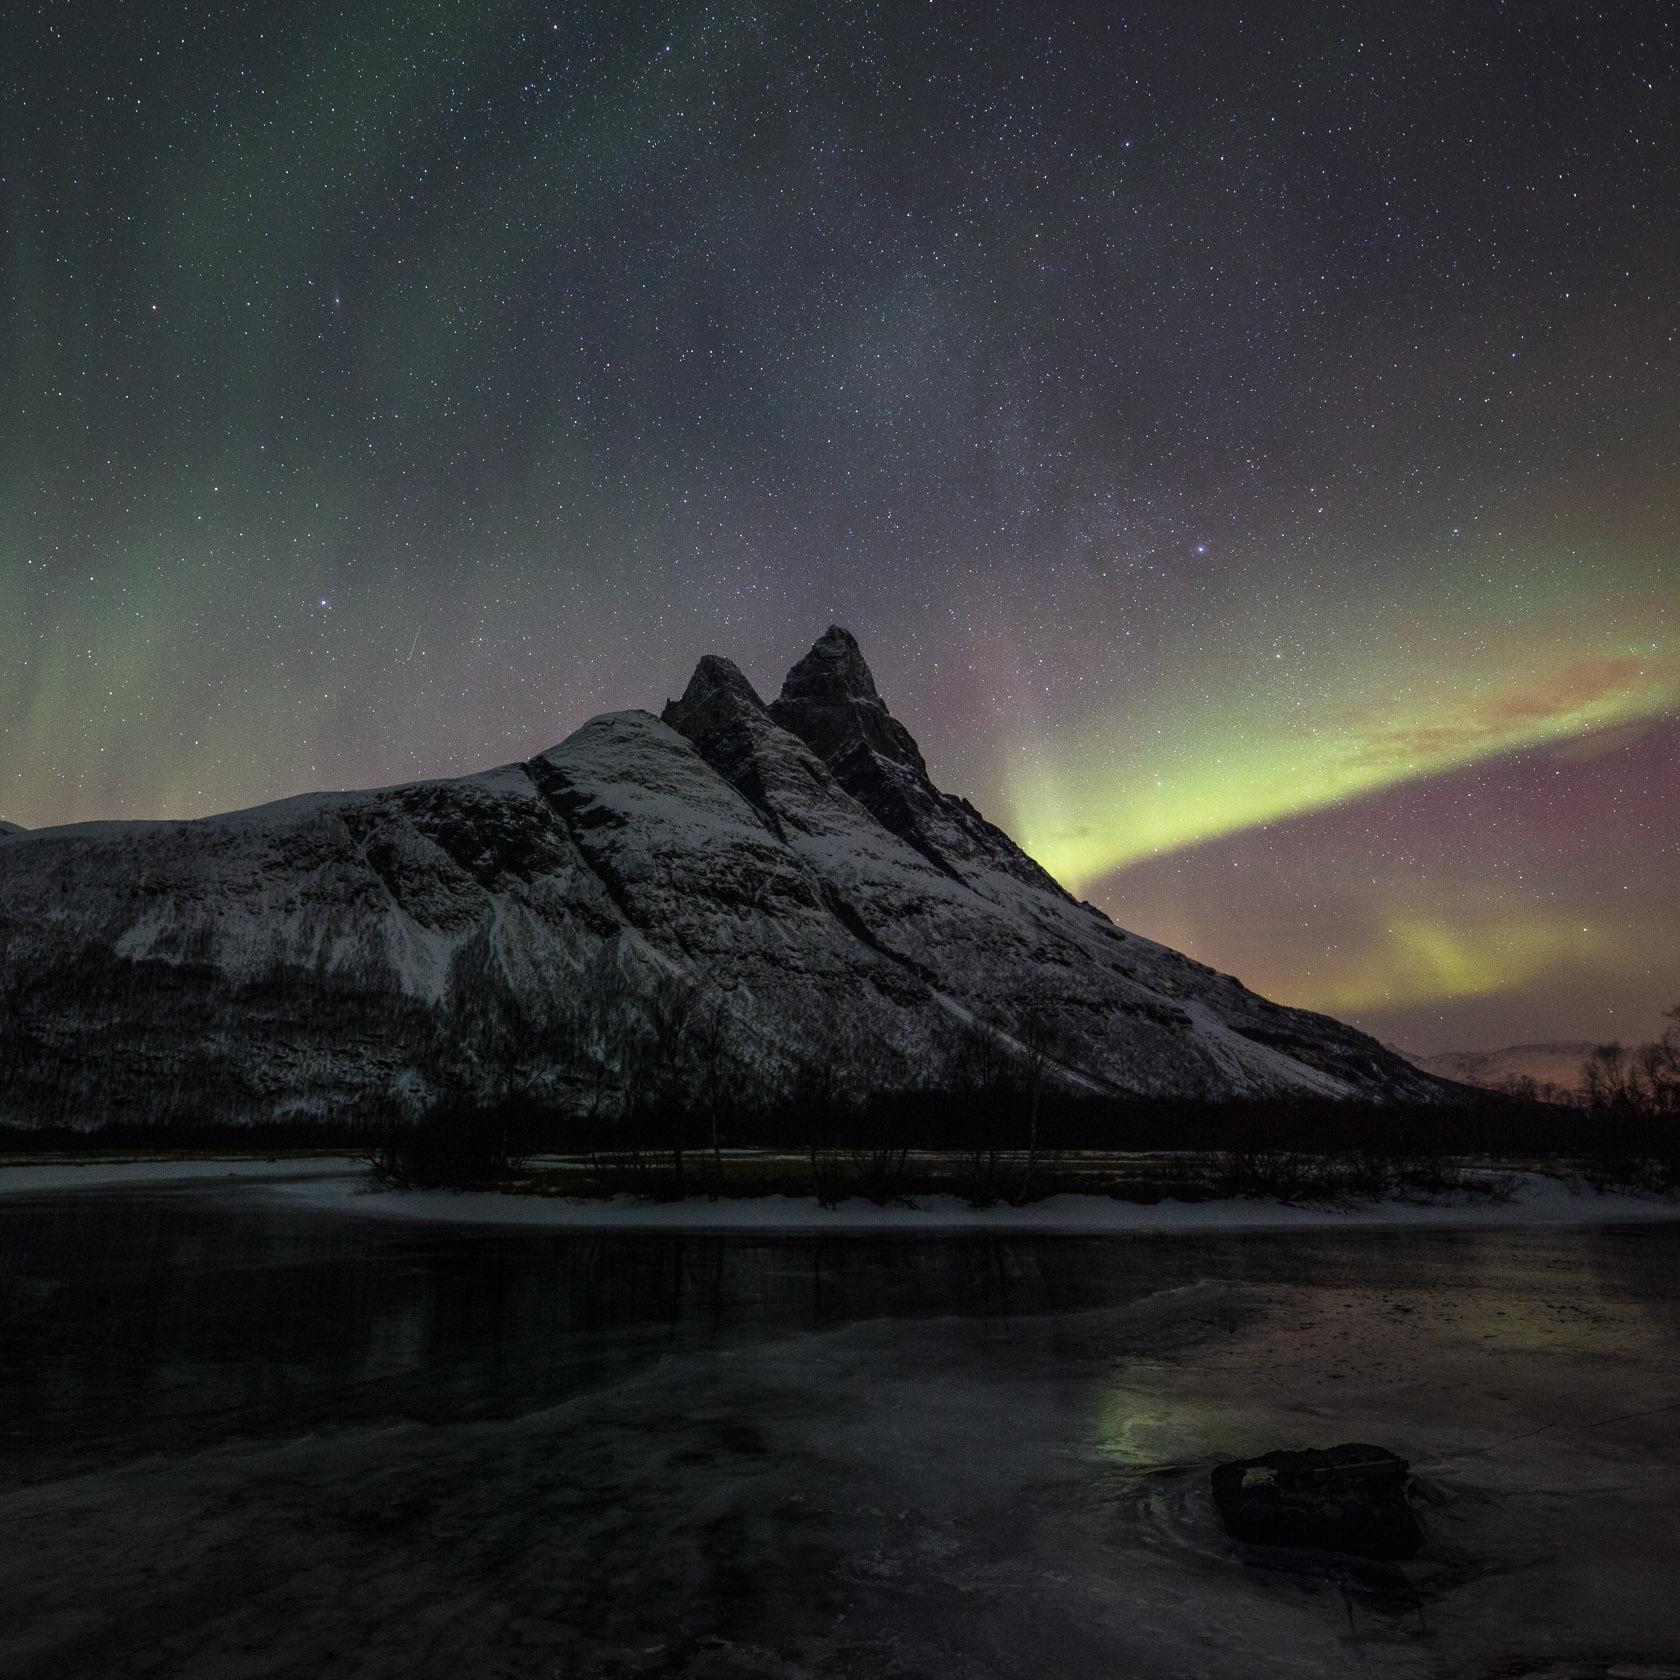 aurore boréale et Otertinden, dans la Signaldalen,en Norvège